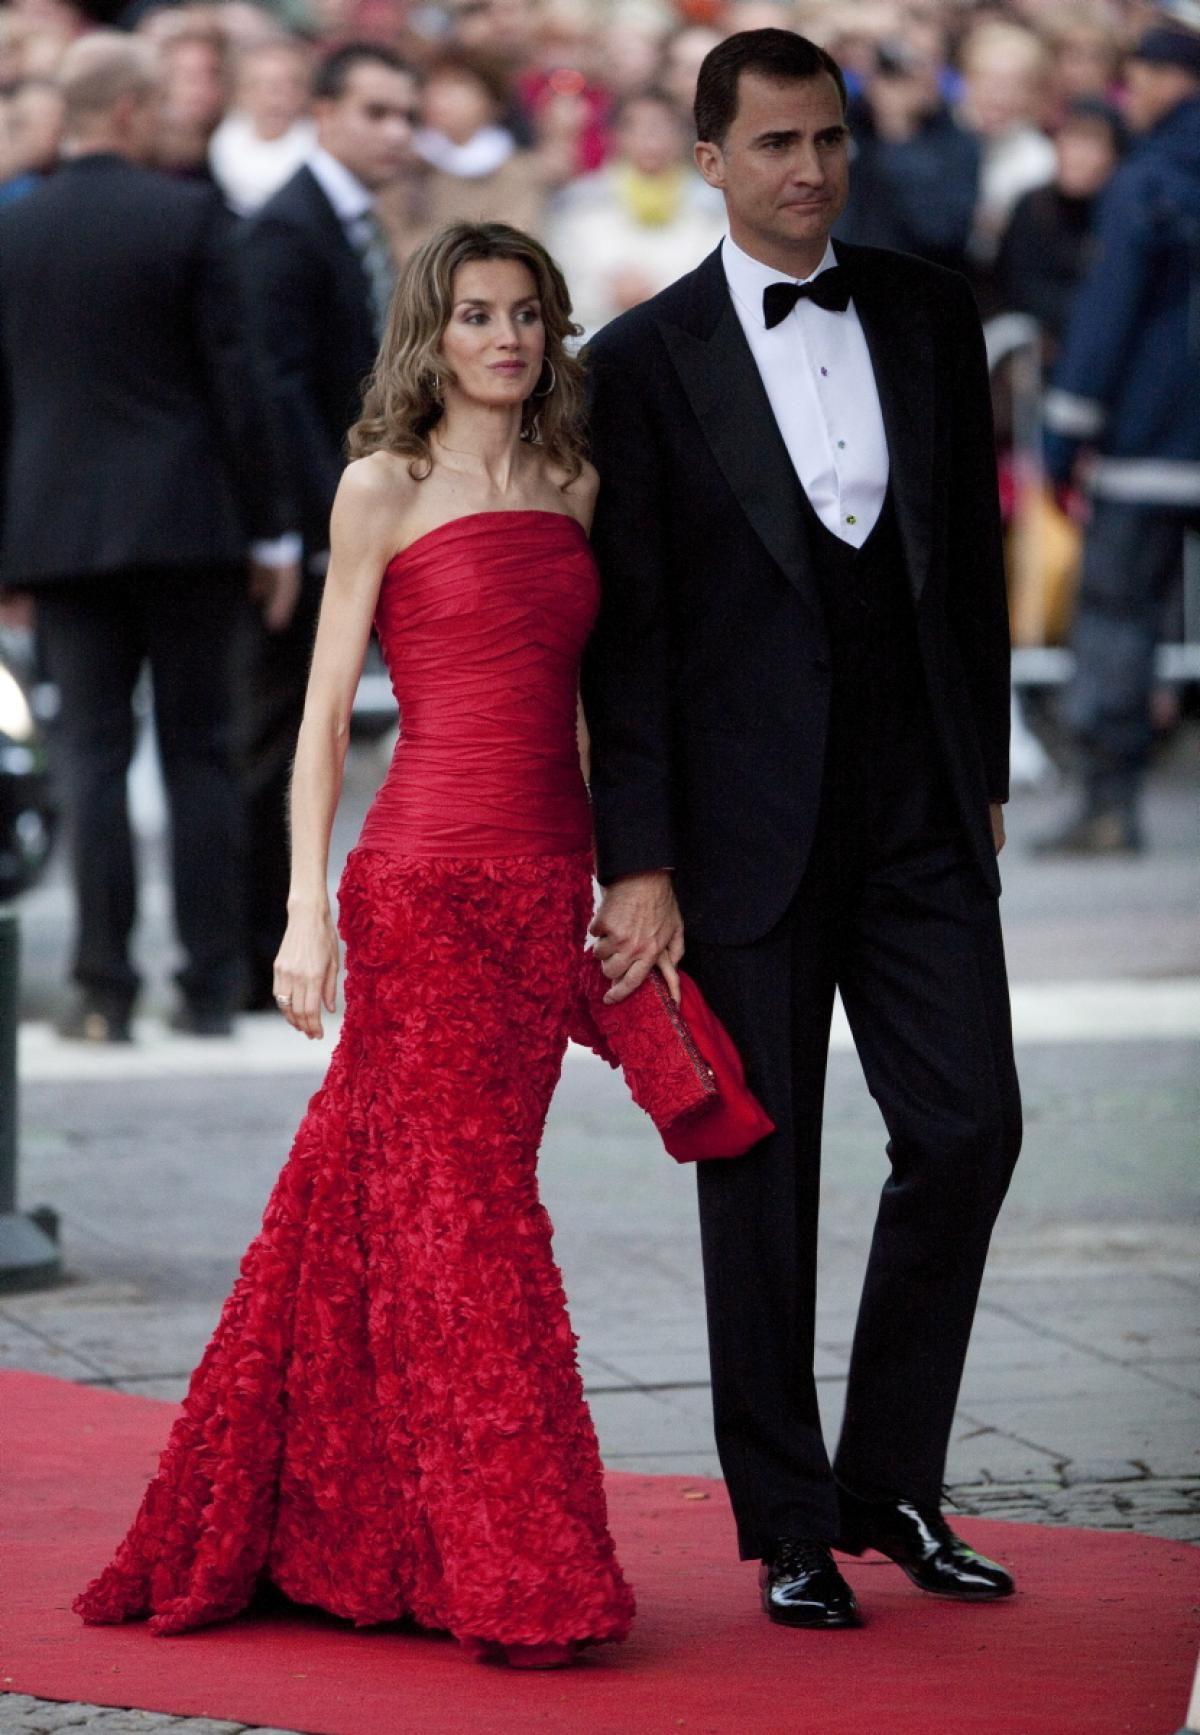 2010: Felipe e Letizia na festa que antecedeu o casamento de Victoria e Daniel da Suécia.